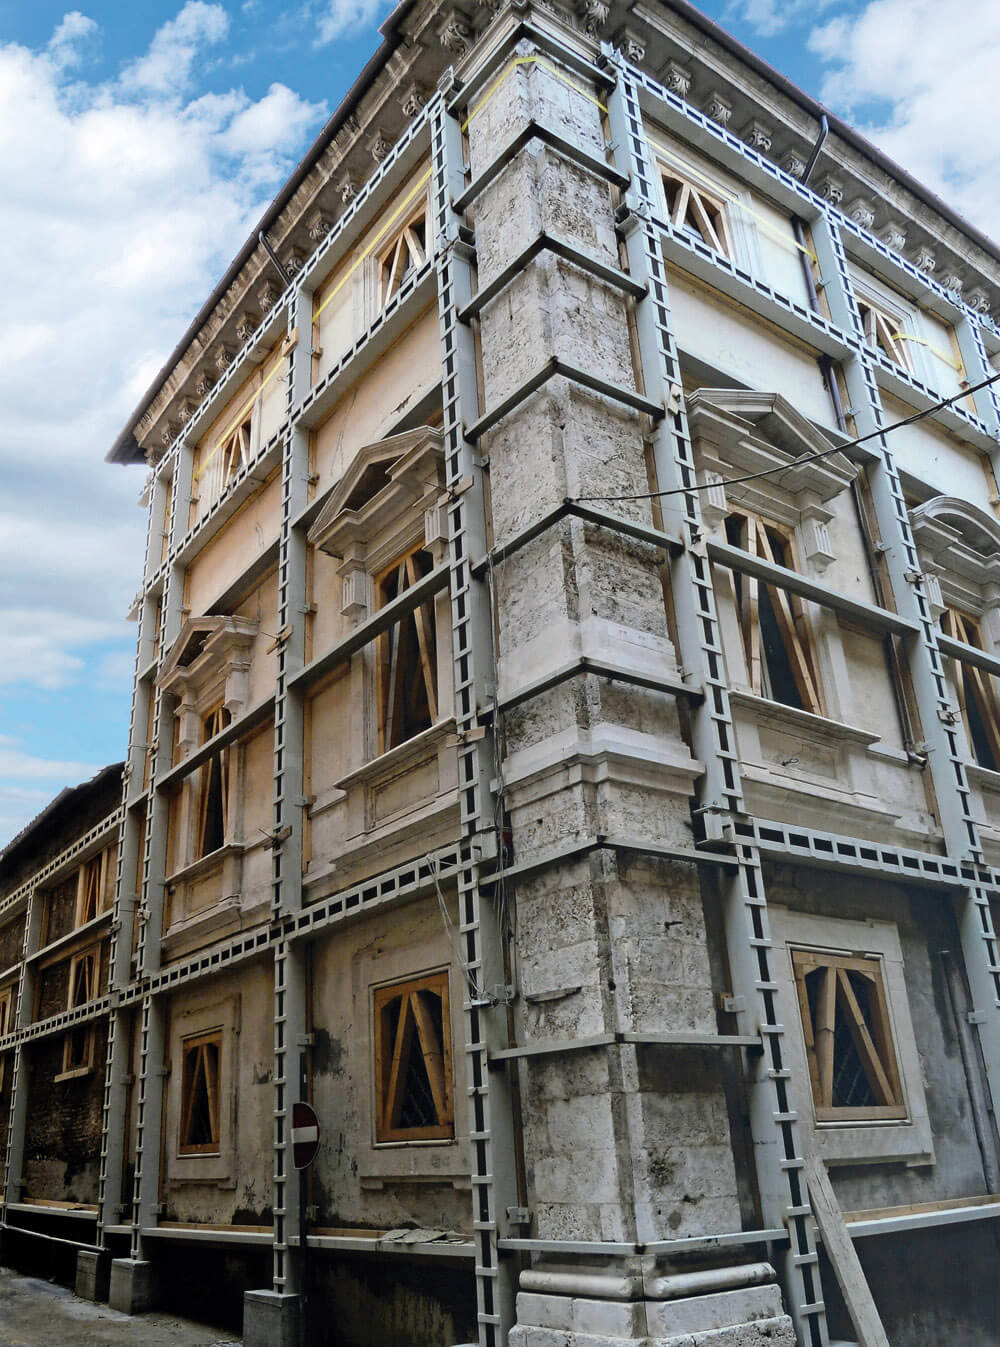 Lavori di puntellamento Palazzo Dragonetti De Torres